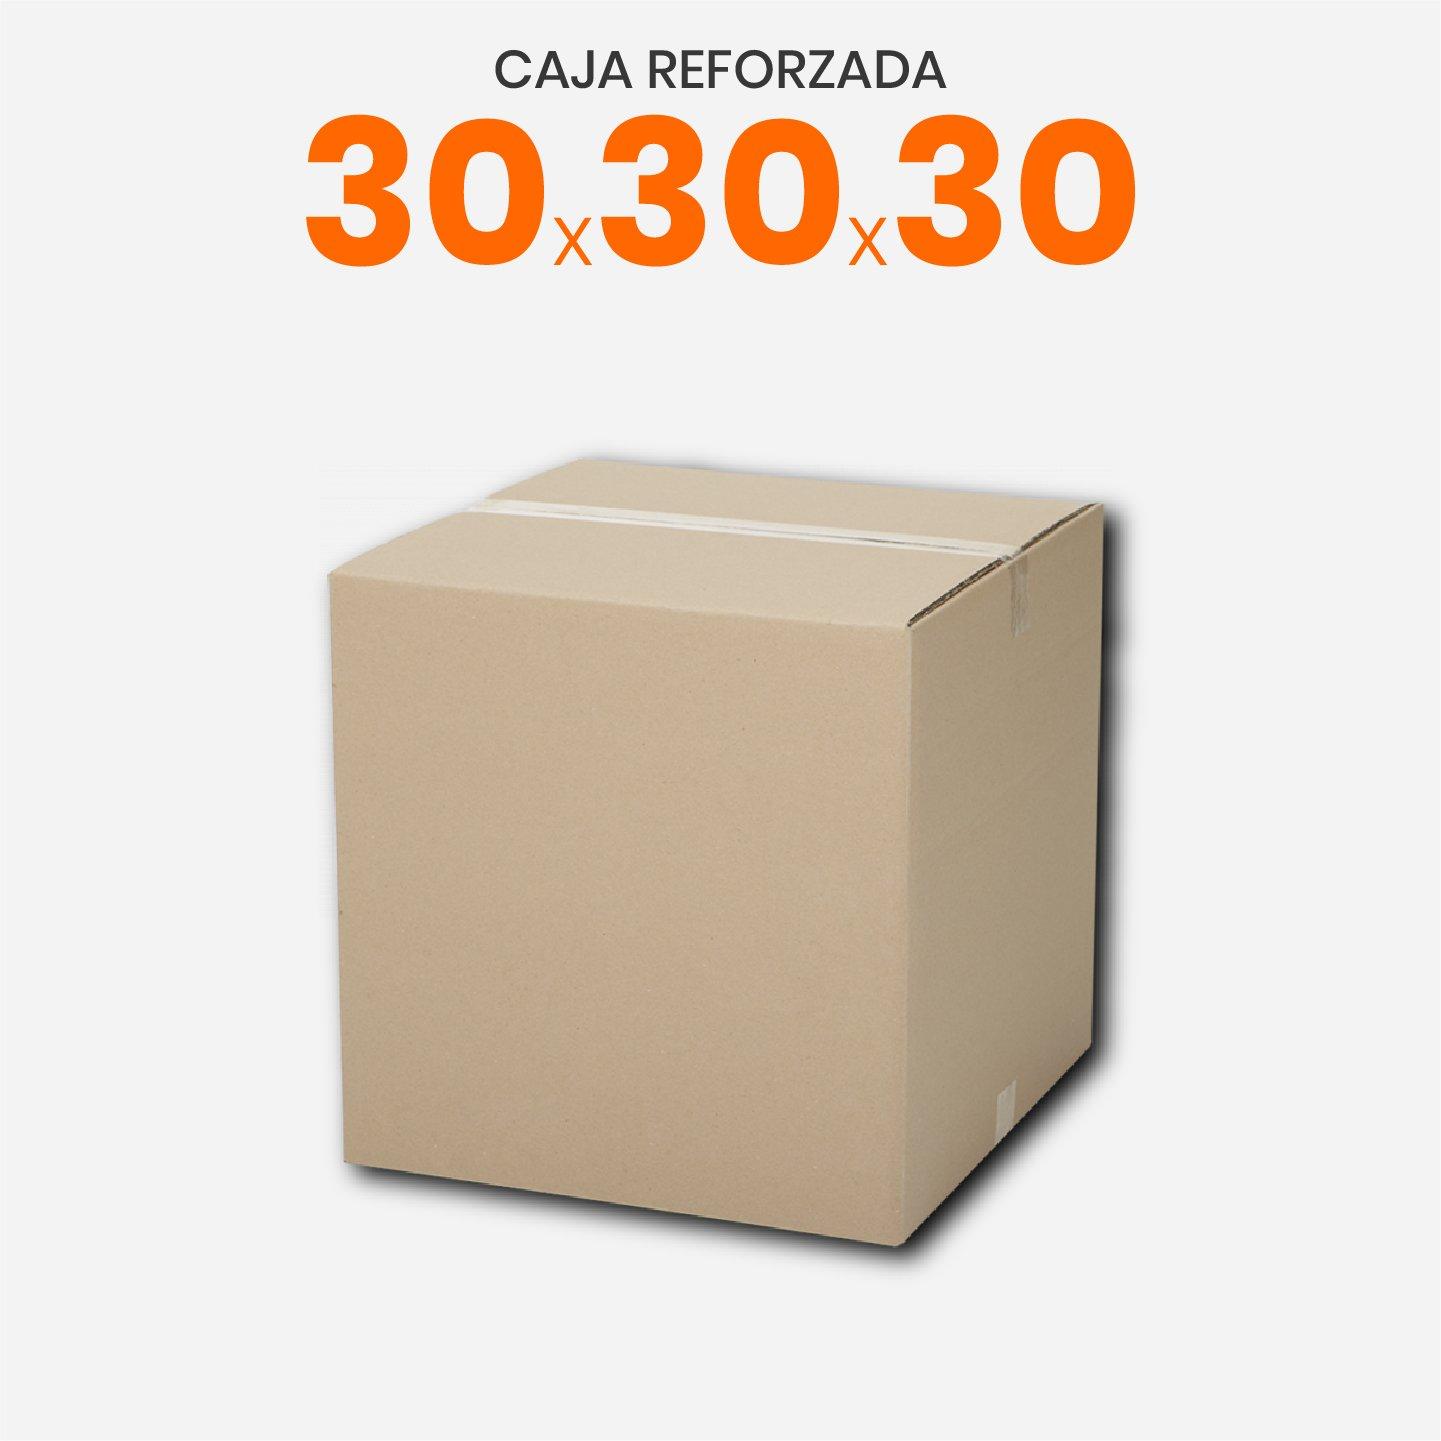 Caja De Cartón Corrugado Reforzada 30x30x30